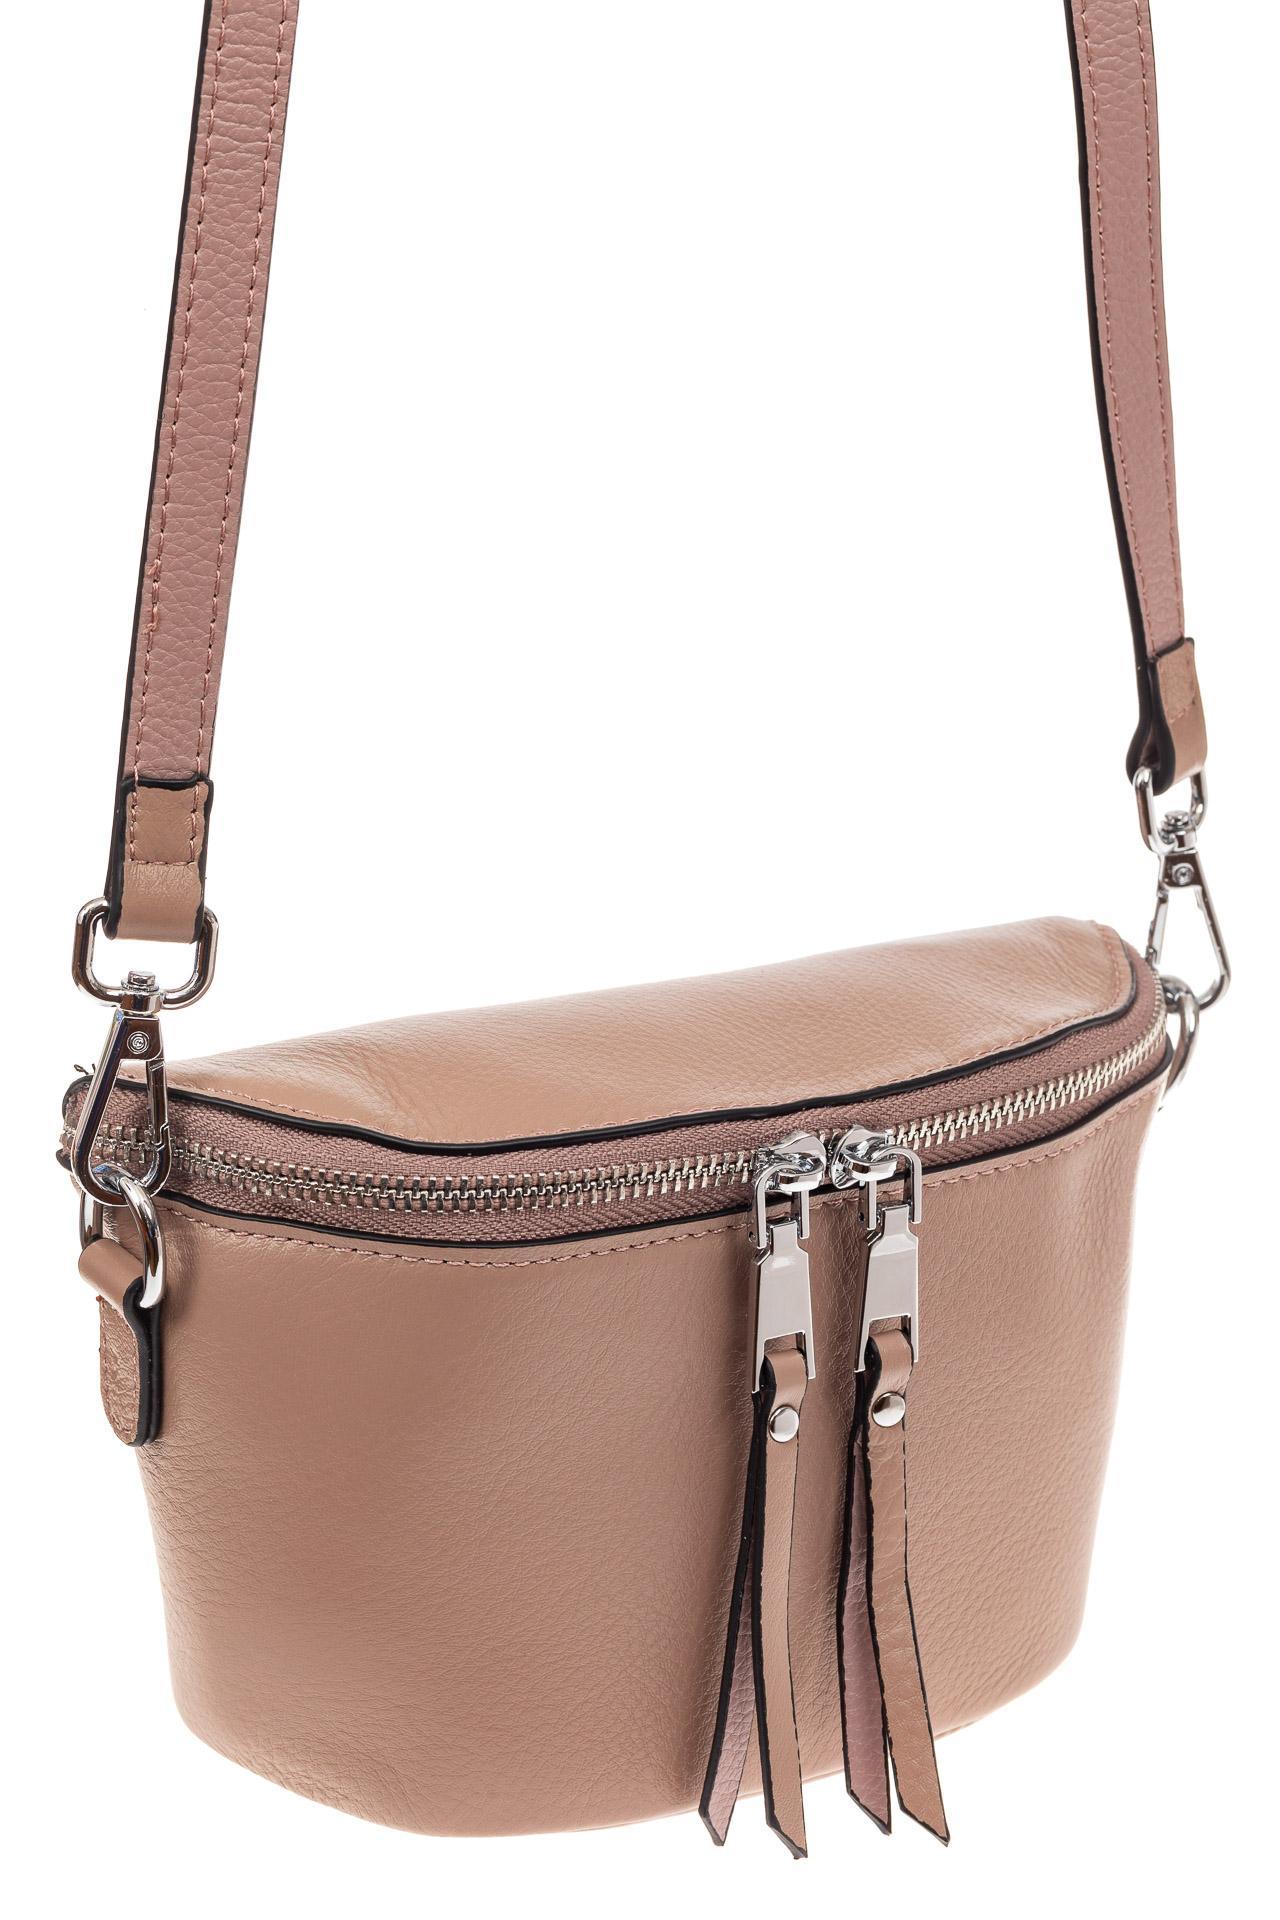 6a1e01648a4f Женские кожаные сумки оптом - купить женские сумочки из натуральной кожи у  поставщика